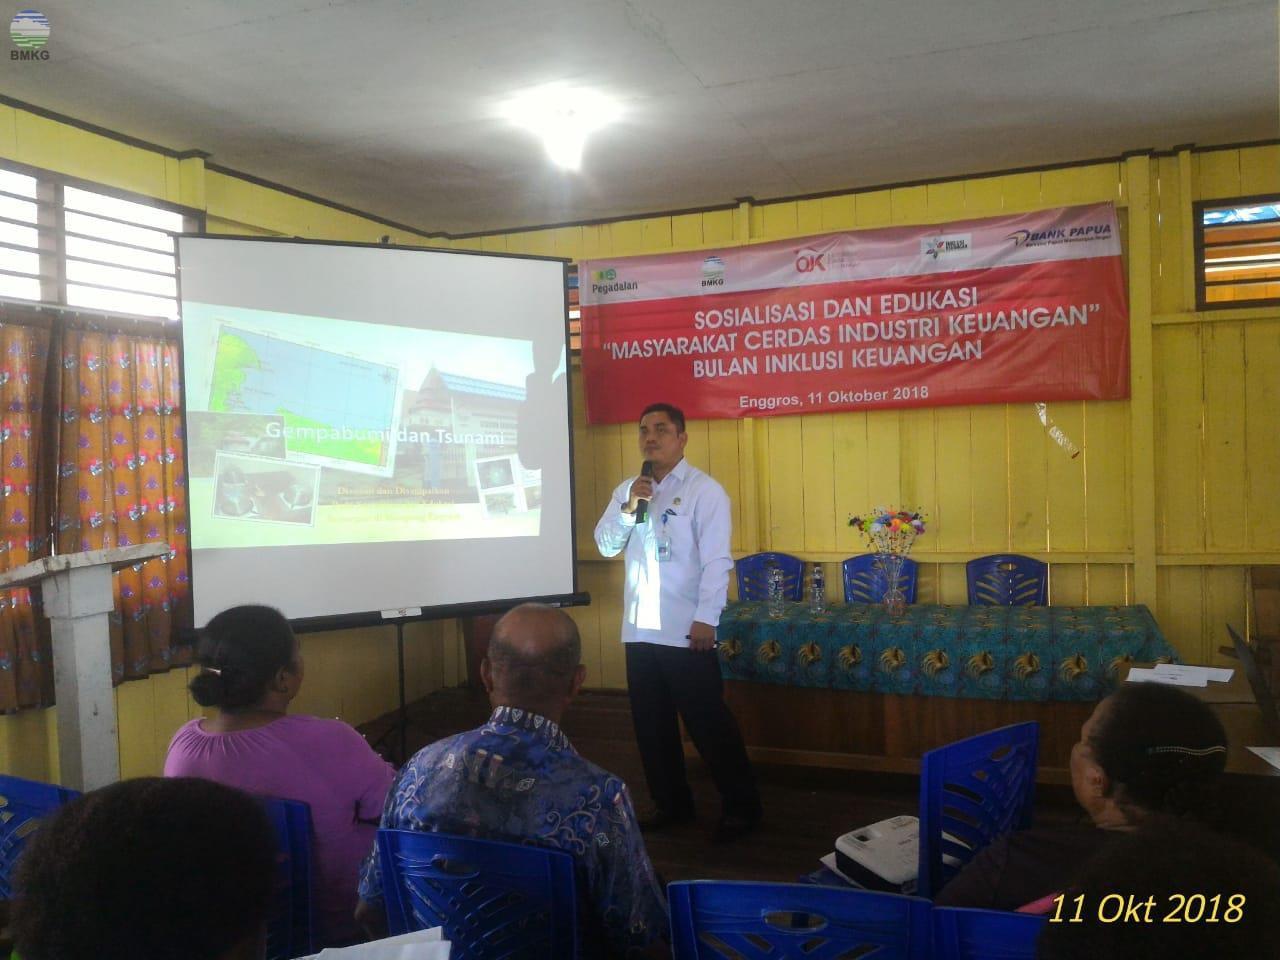 Dukungan Stasiun Geofisika Angkasa Pada Kegiatan Sosialisasi dan Edukasi Masyarakat Cerdas Industri Keuangan